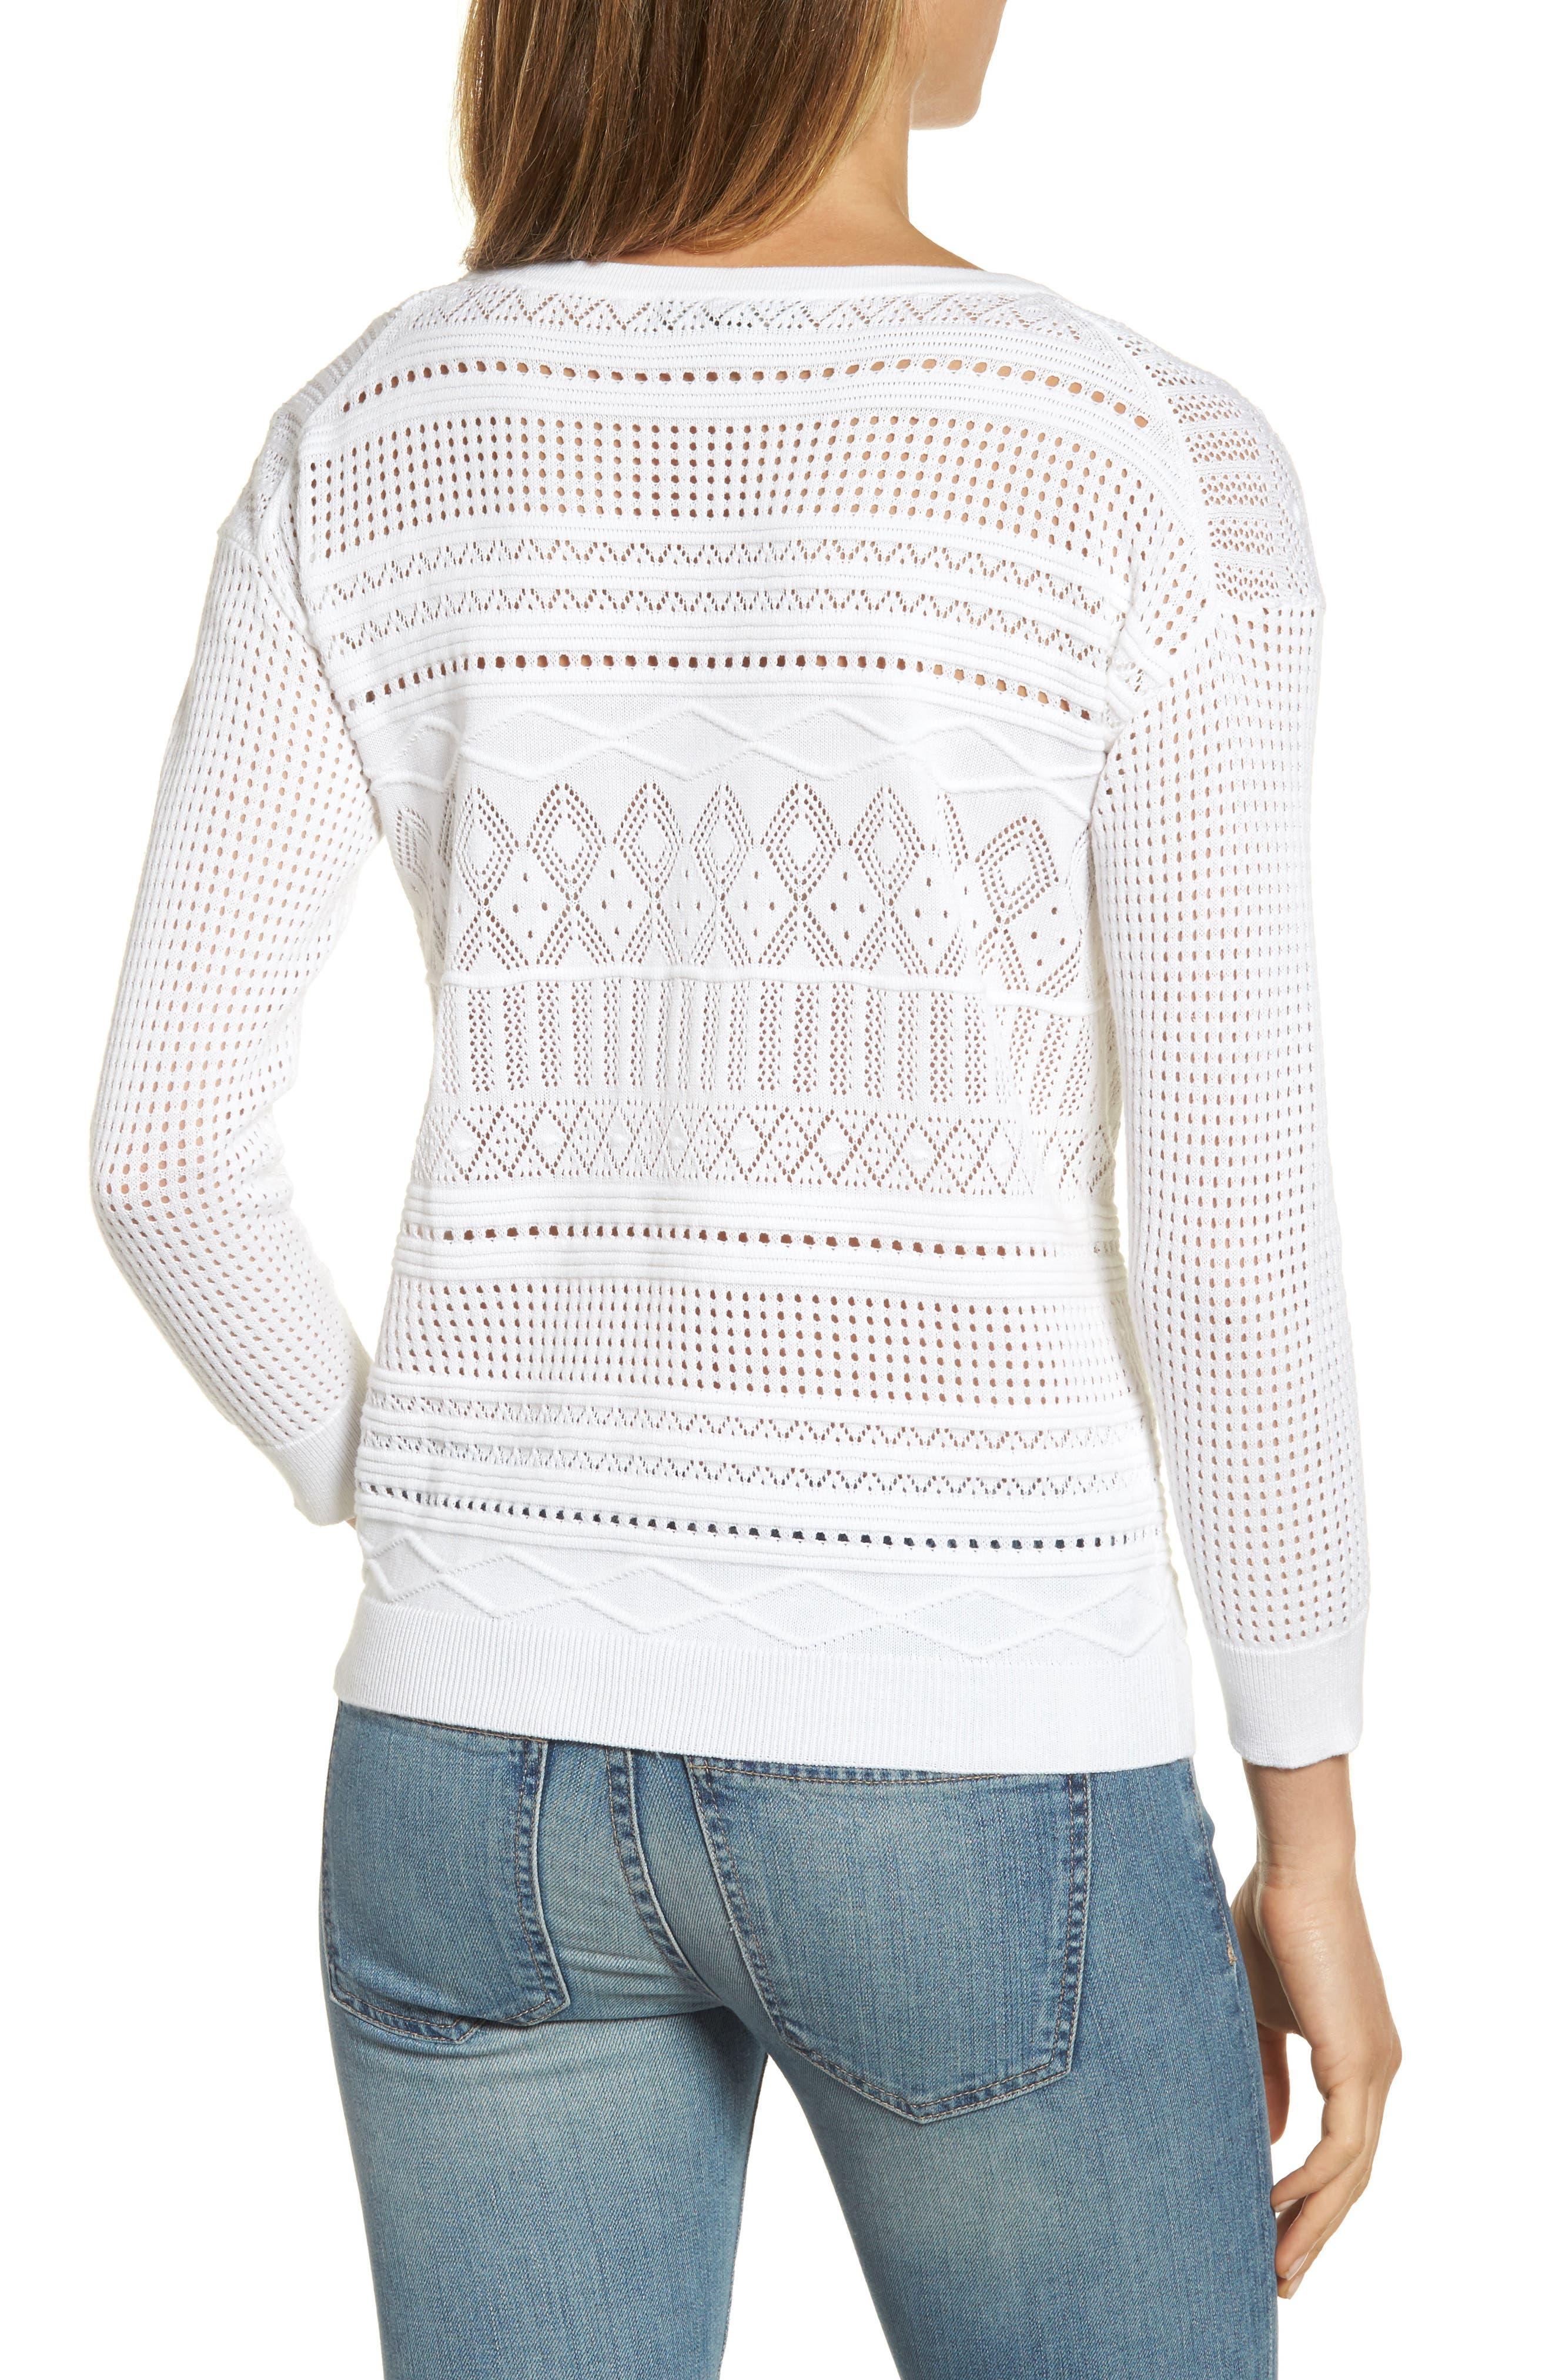 Pickford Pointelle Split Neck Sweater,                             Alternate thumbnail 2, color,                             100